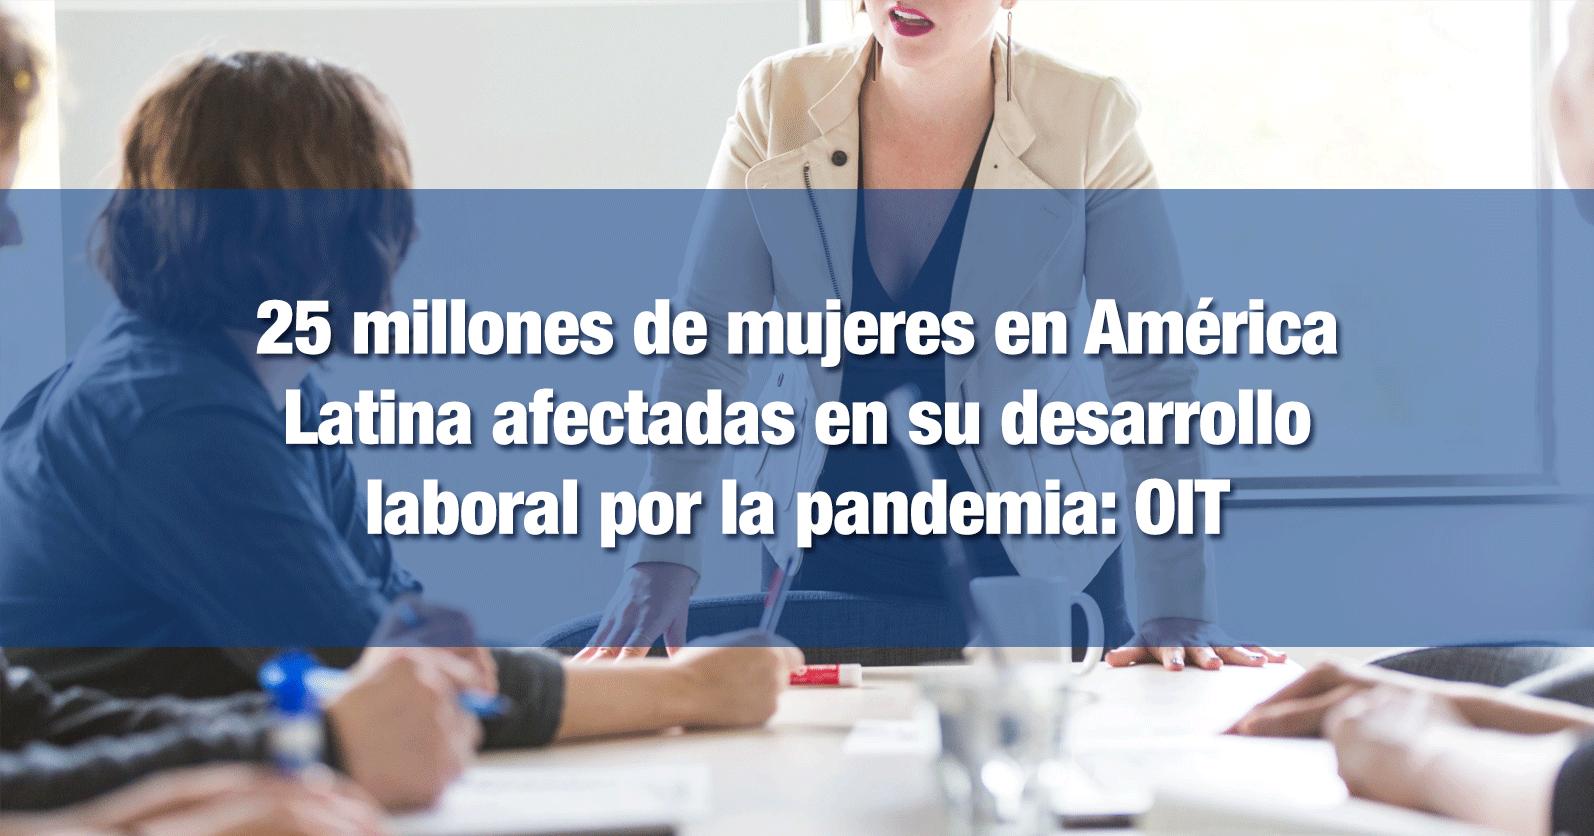 25 millones de mujeres en América Latina afectadas en su desarrollo laboral por la pandemia: OIT